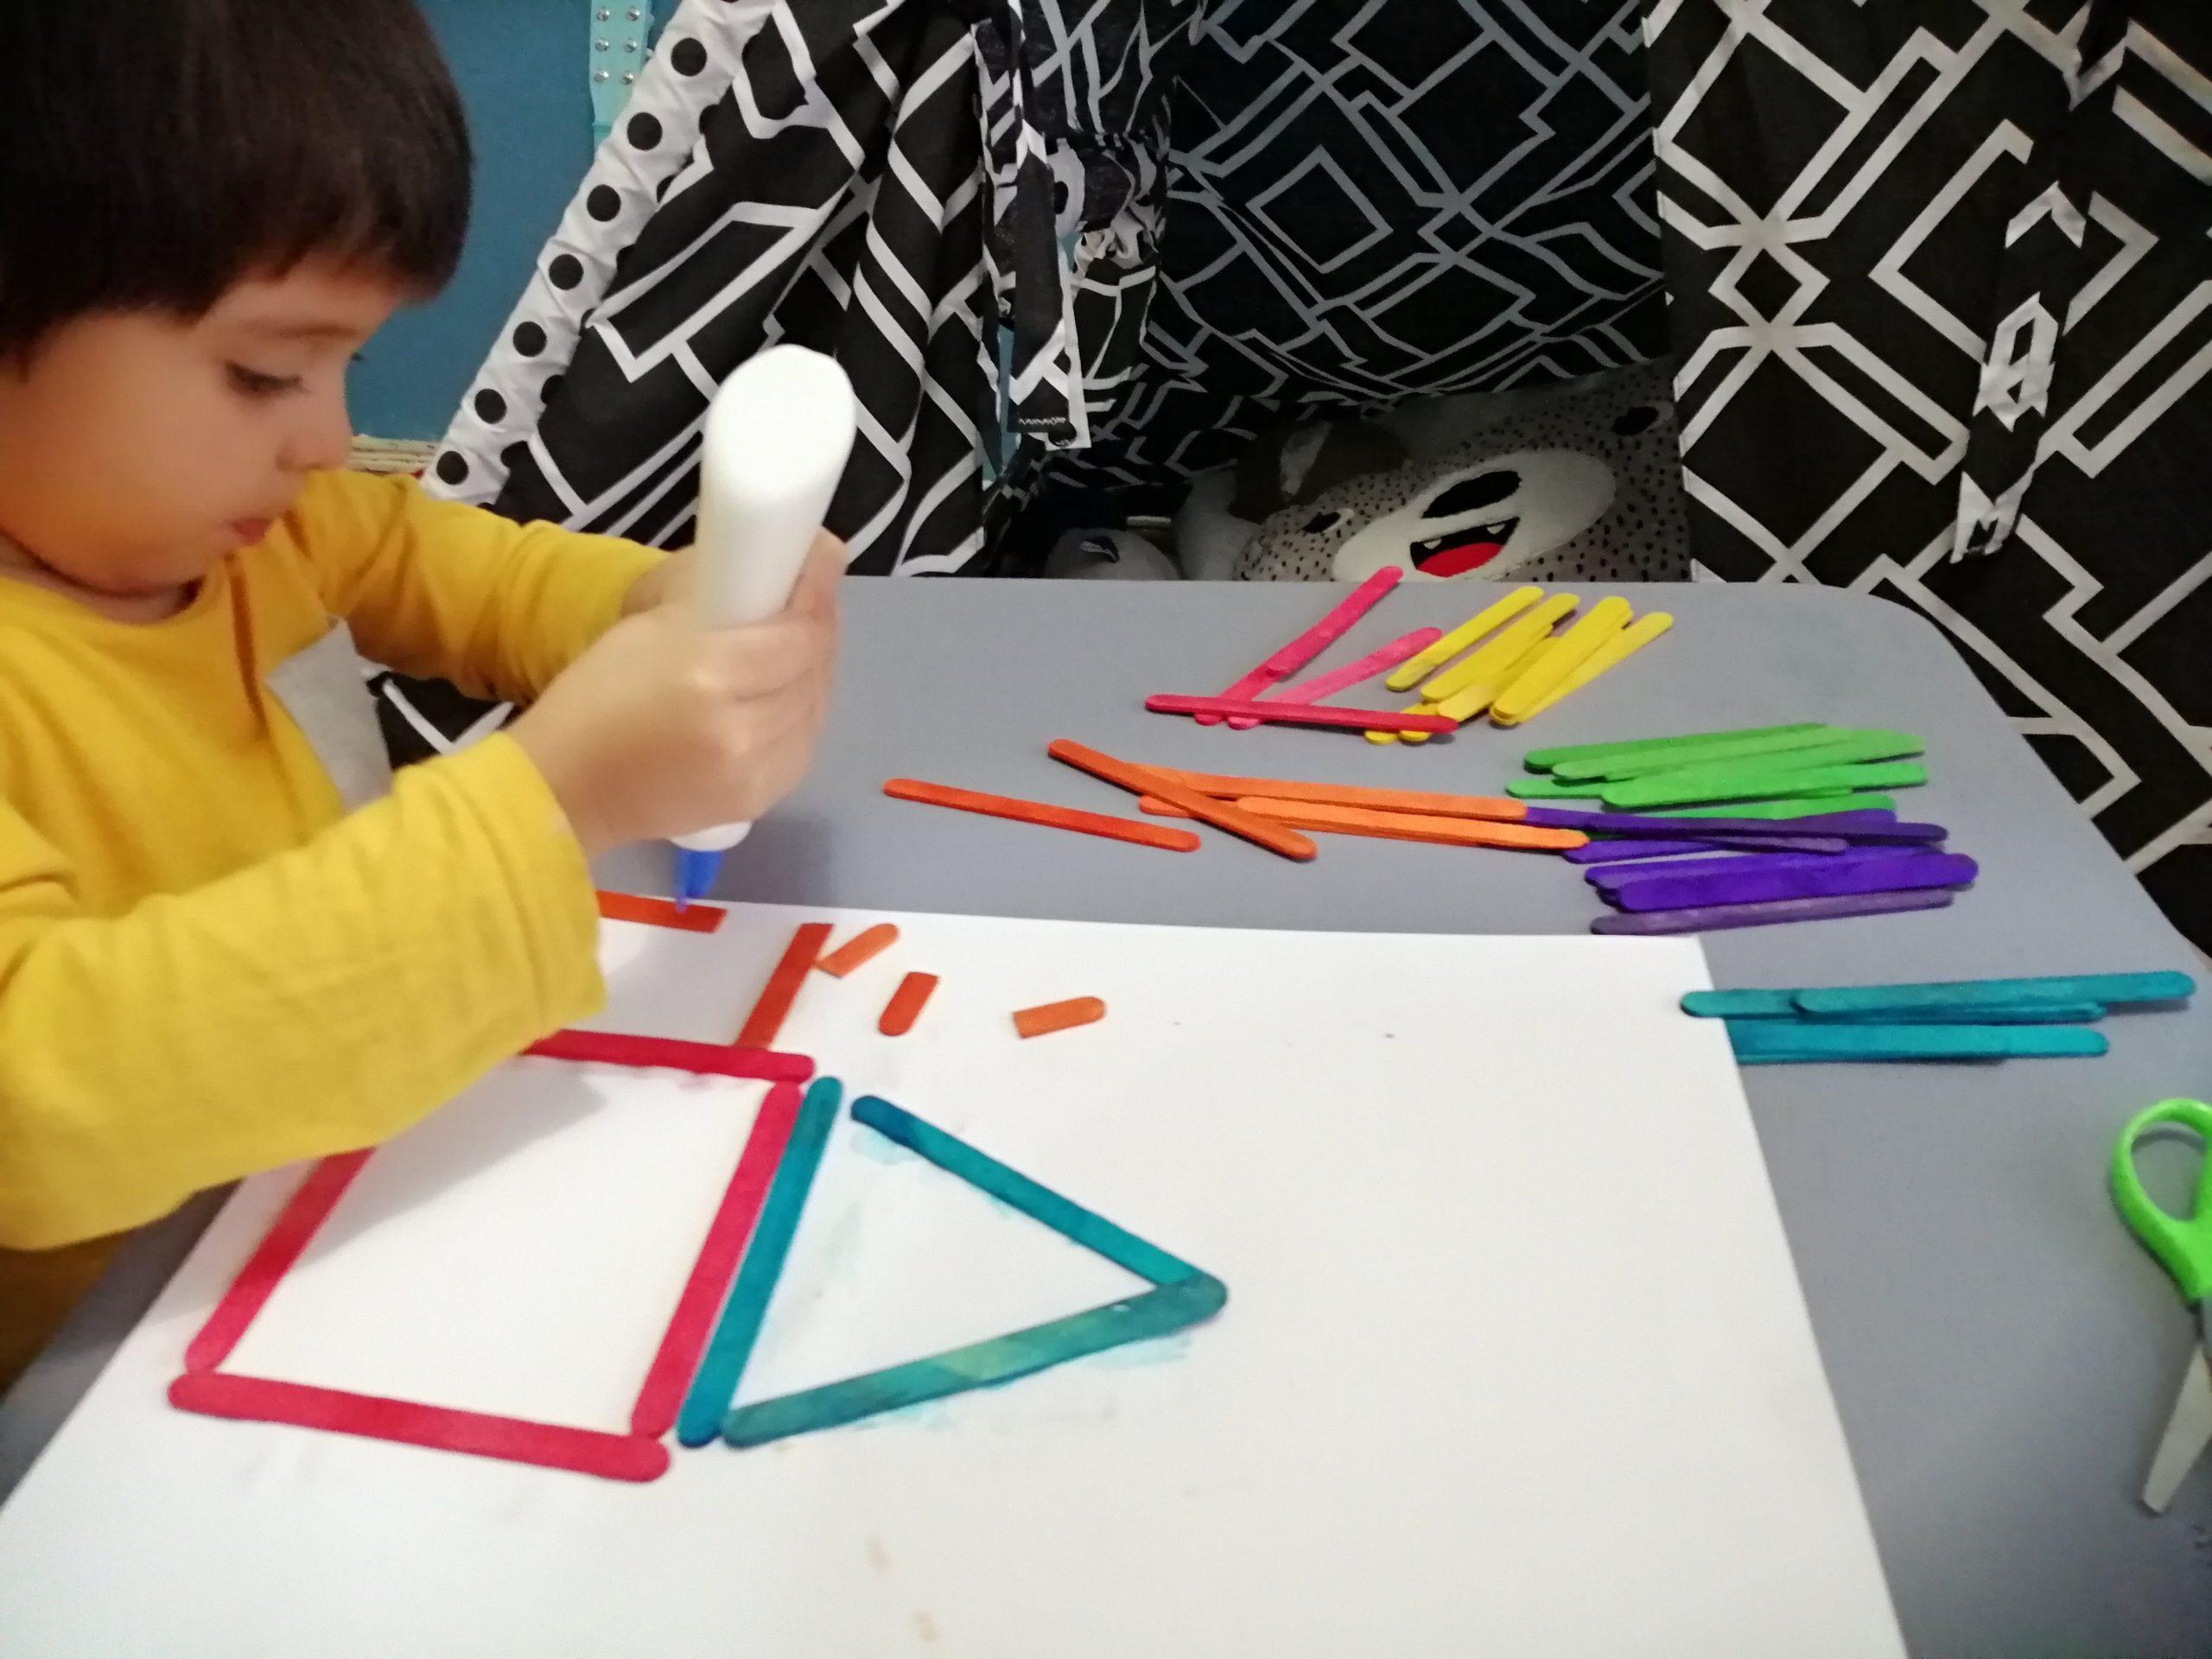 Actividades  recreativas para niños en cuarentena